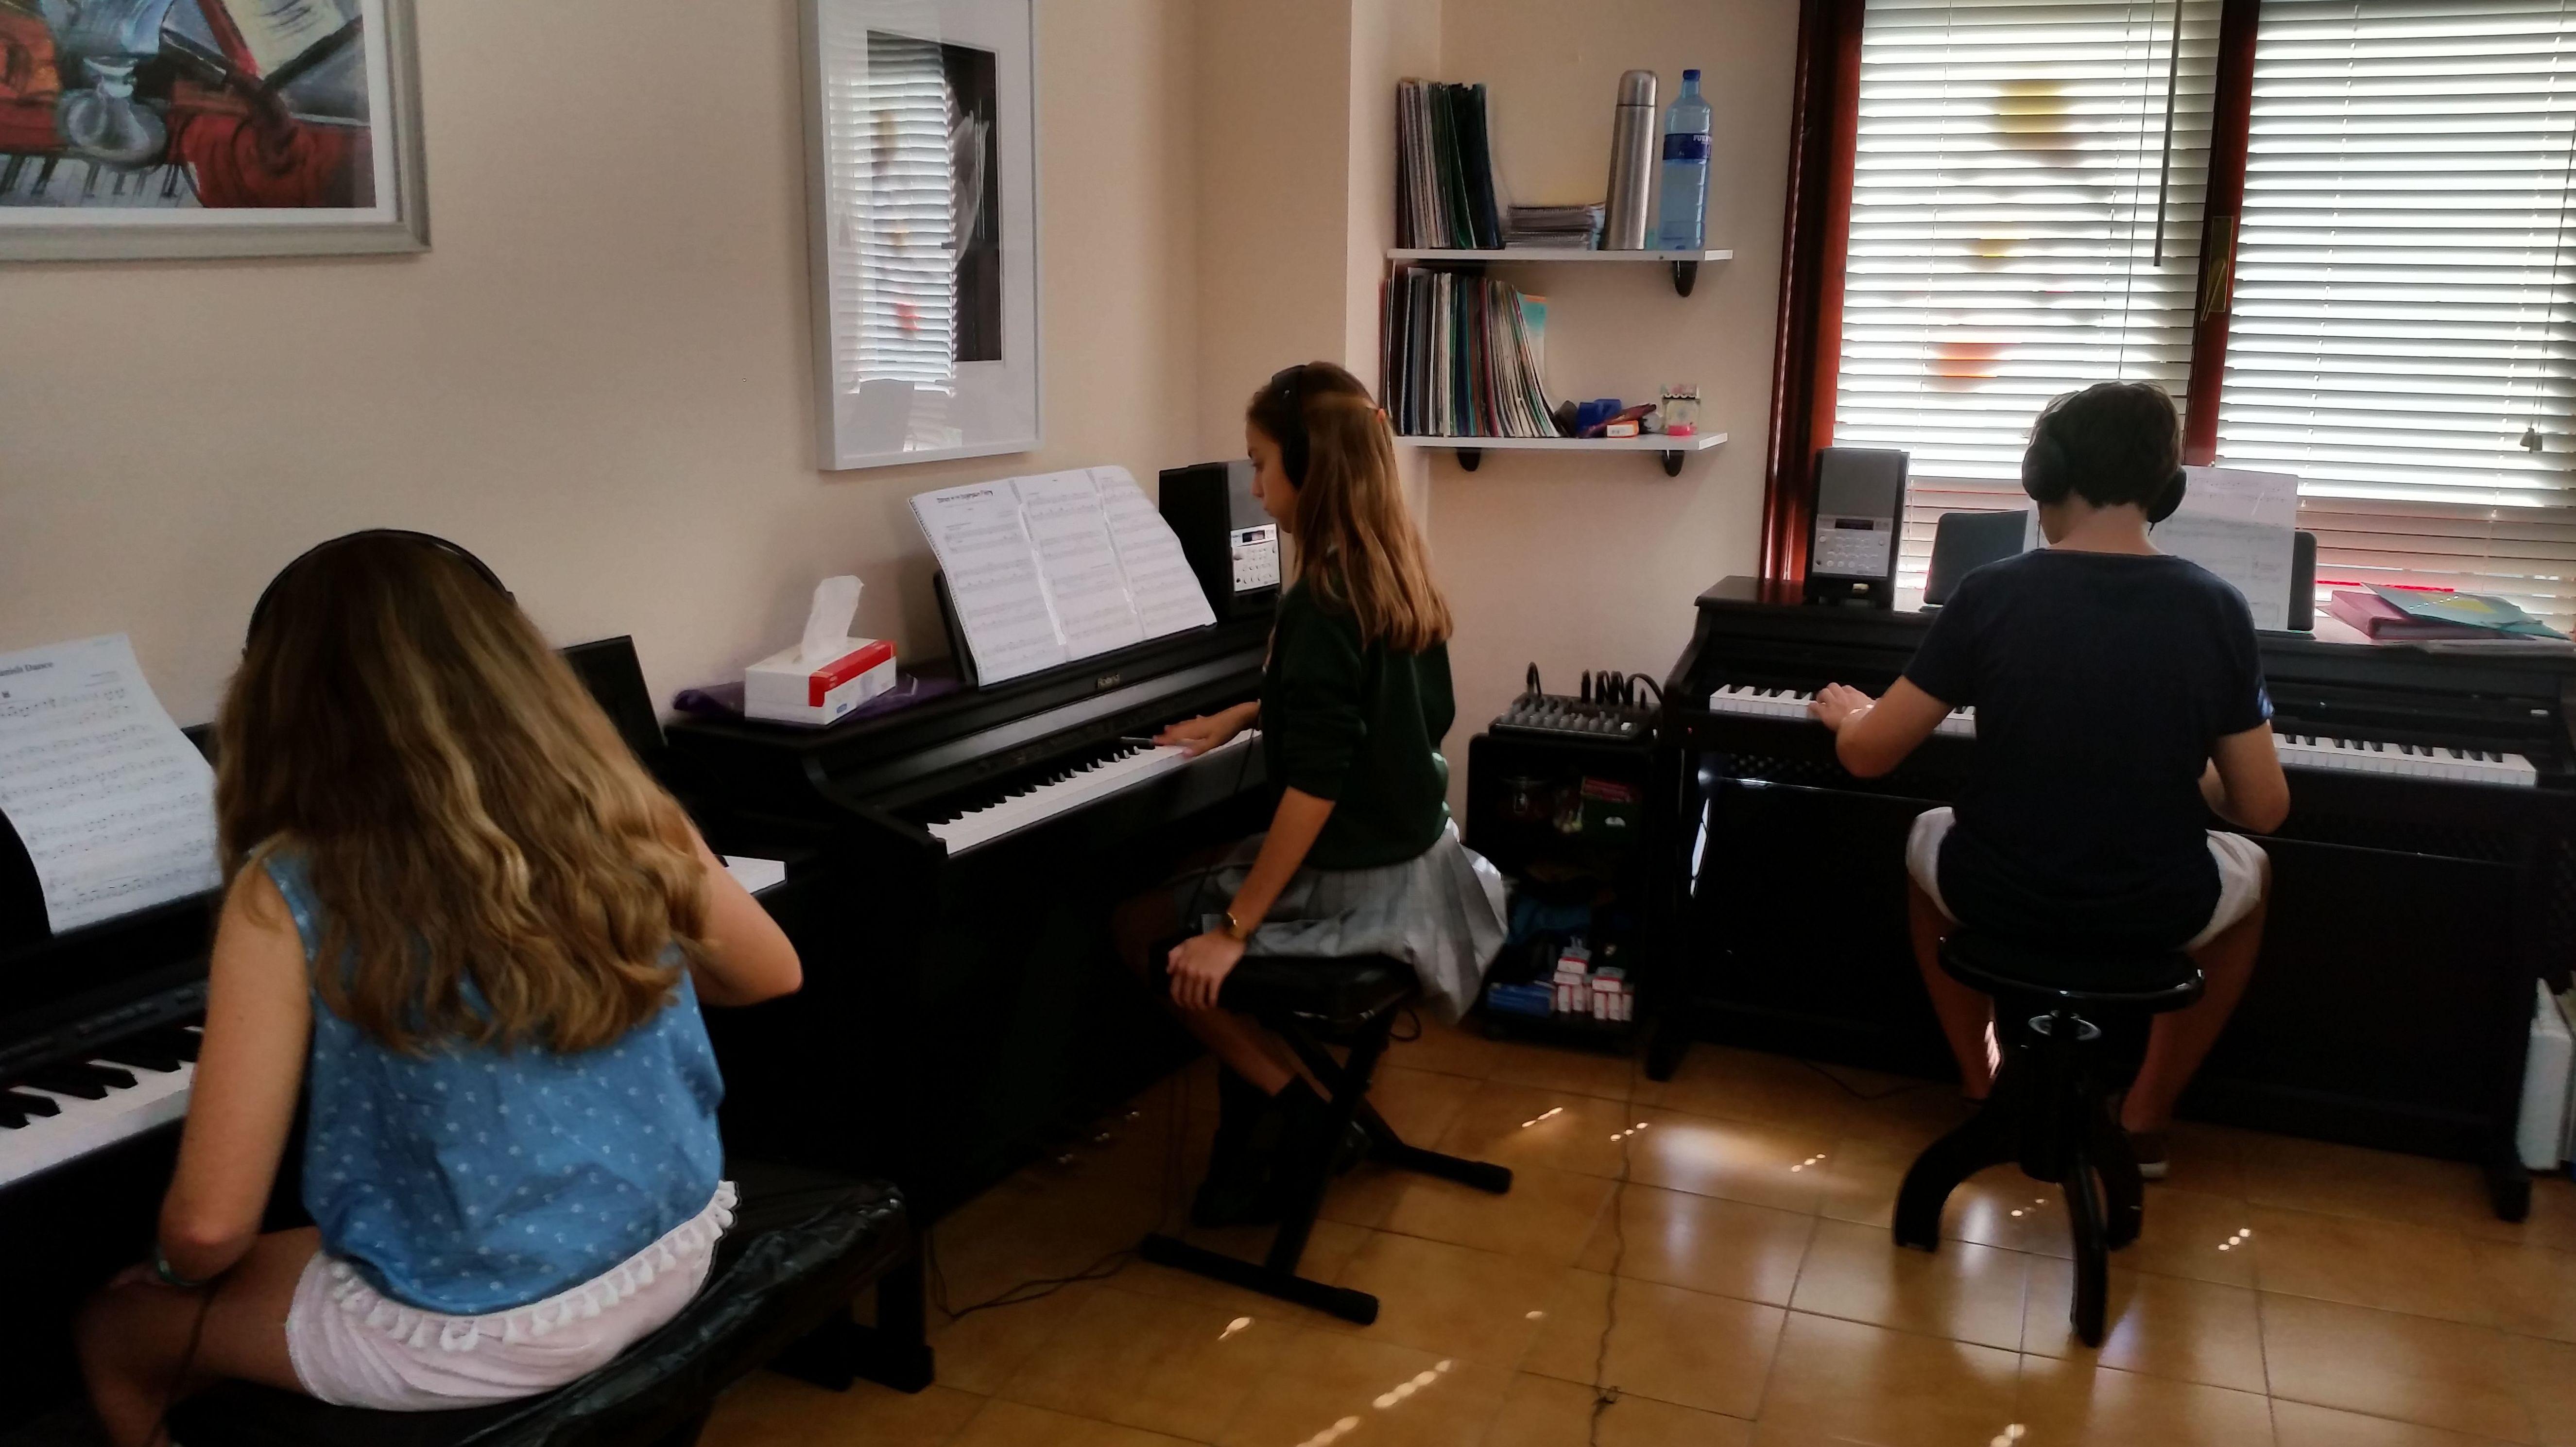 Foto 5 de Escuelas de música, danza e interpretación en Mungia | Academia de Guitarra y Piano Roland